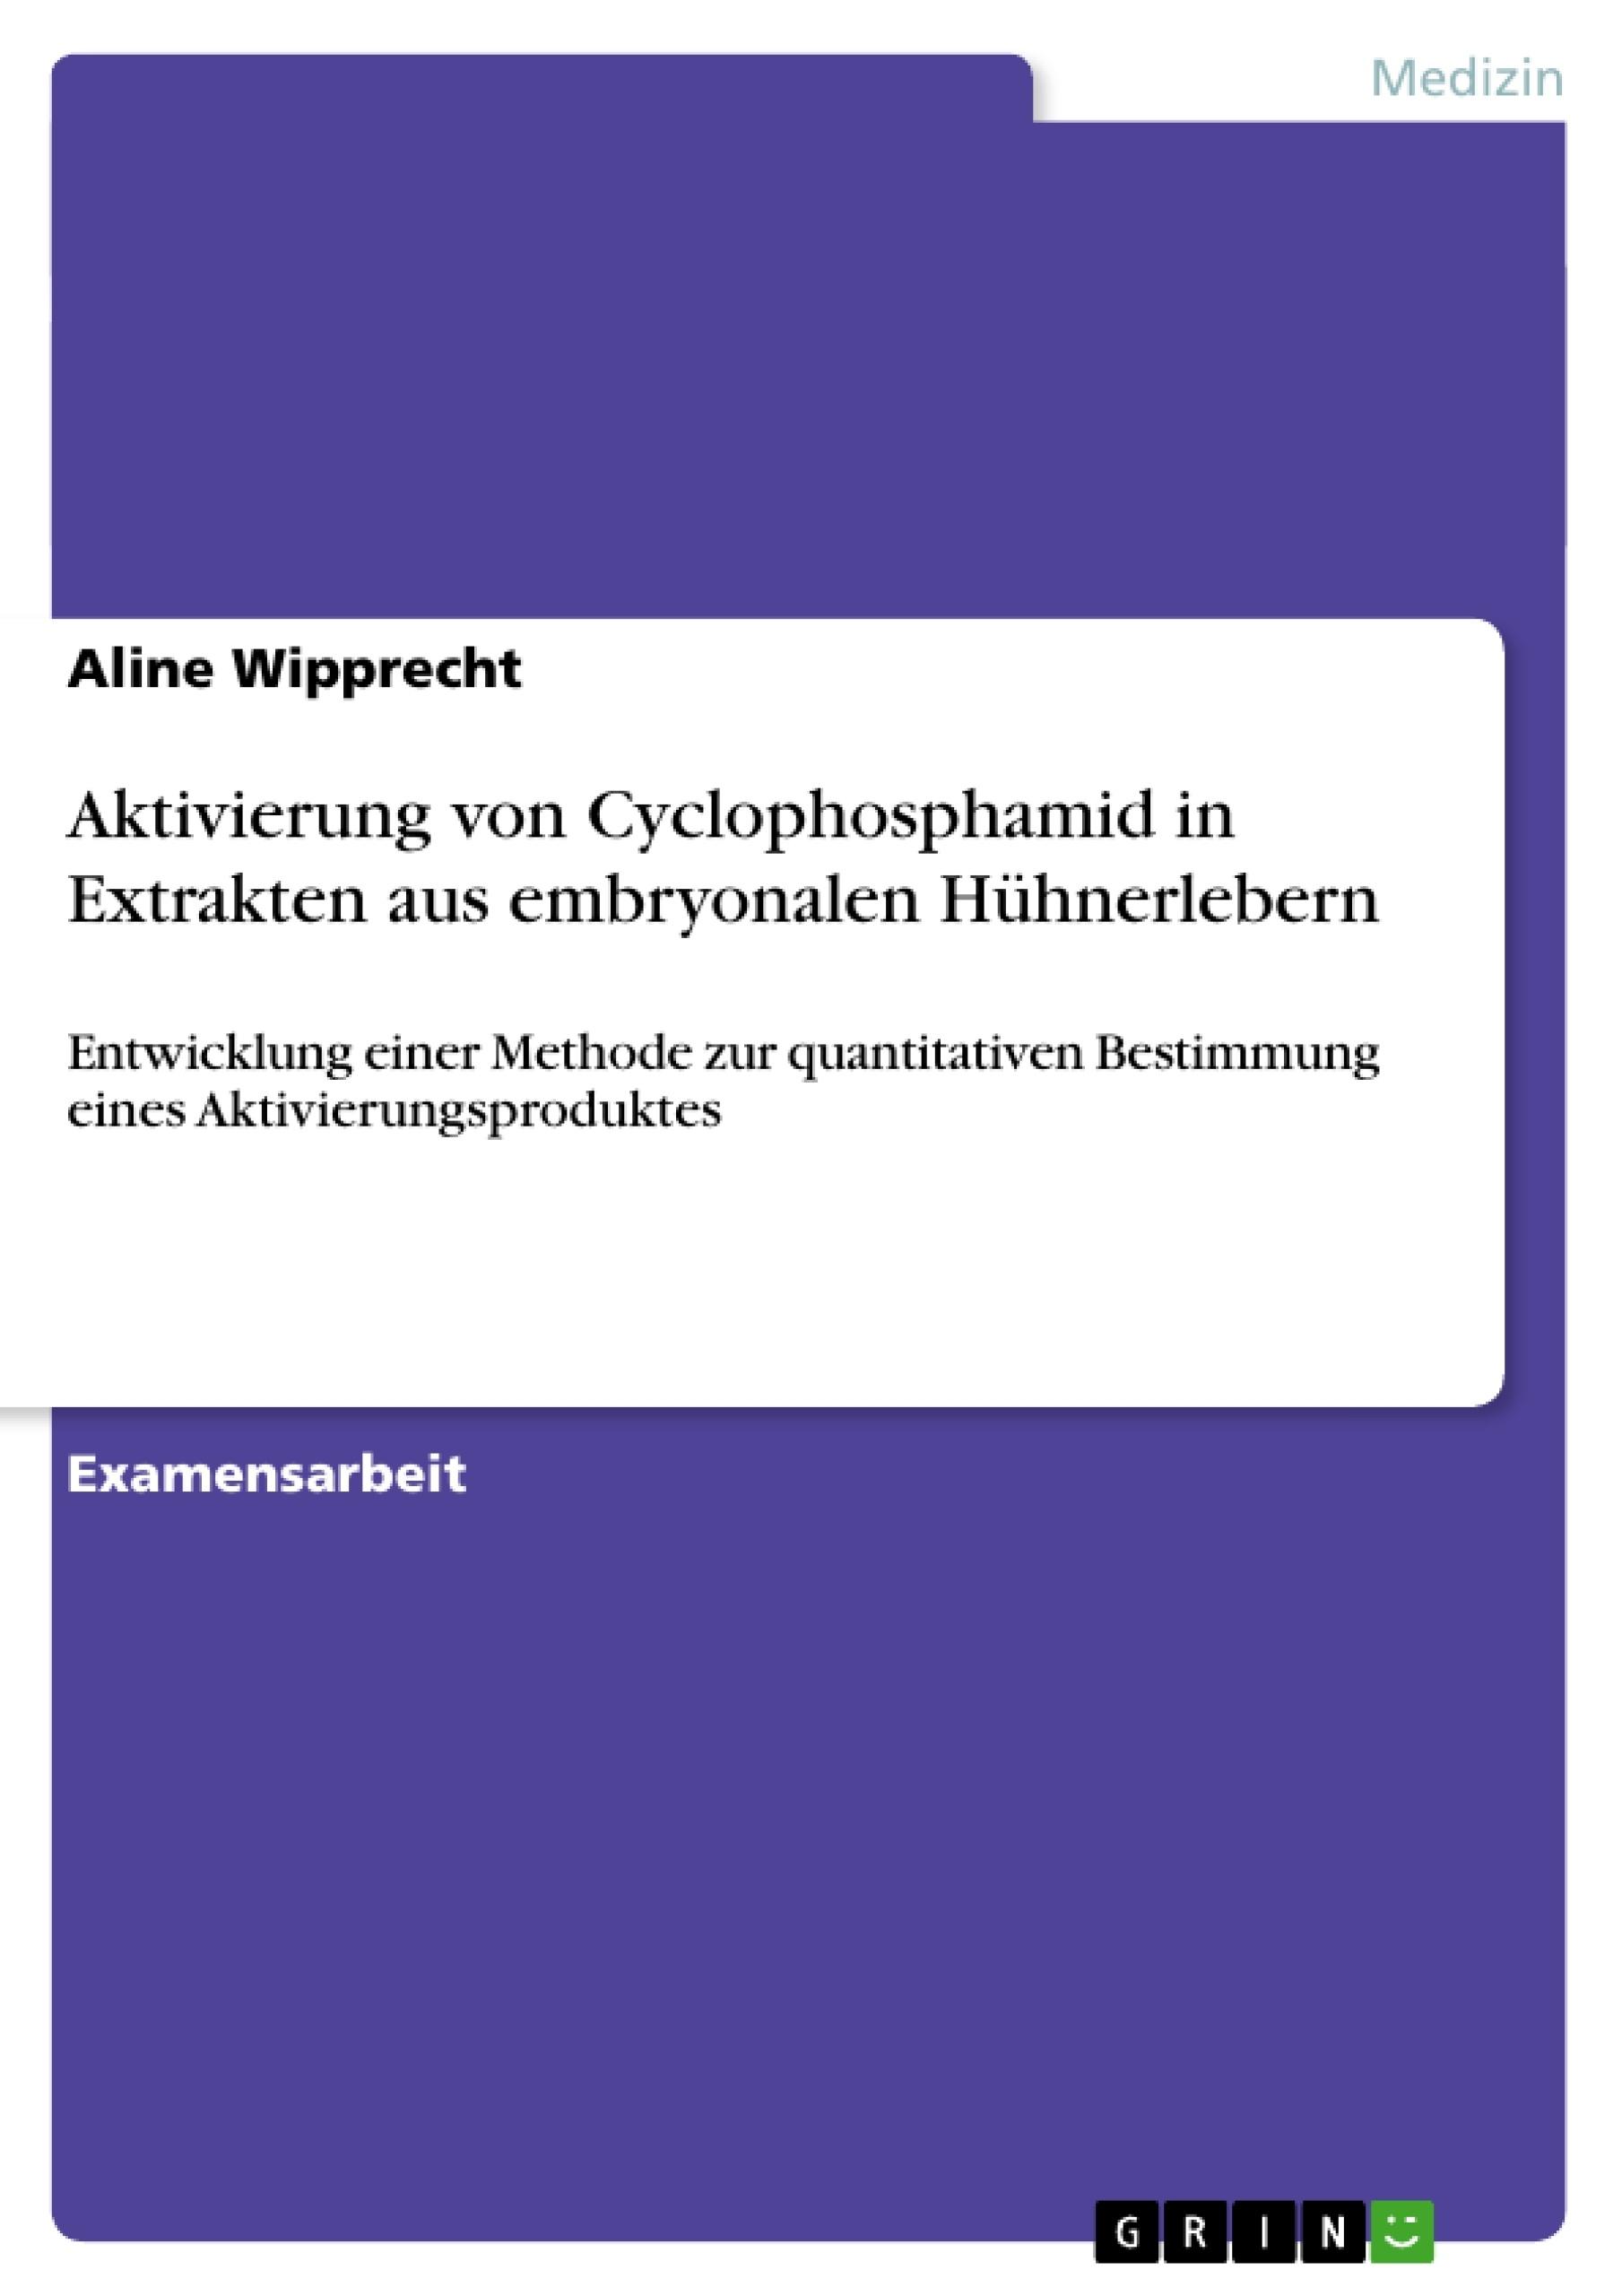 Titel: Aktivierung von Cyclophosphamid in Extrakten aus embryonalen Hühnerlebern